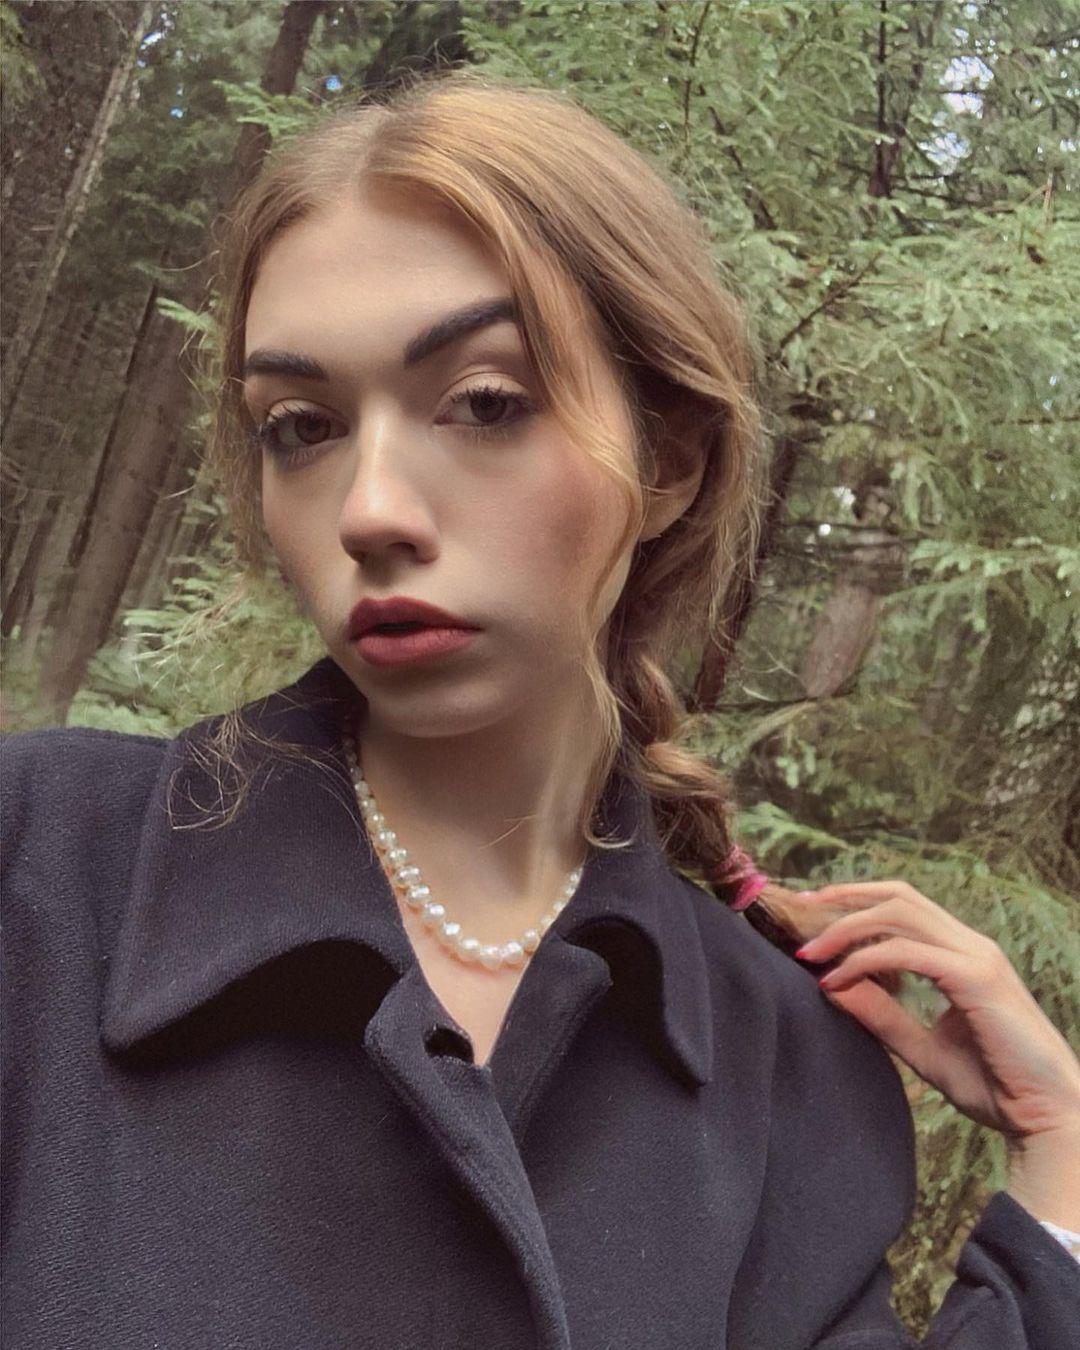 俄罗斯妹总是不让人失望.就很精彩…网友嗨爆~ 养眼图片 第4张